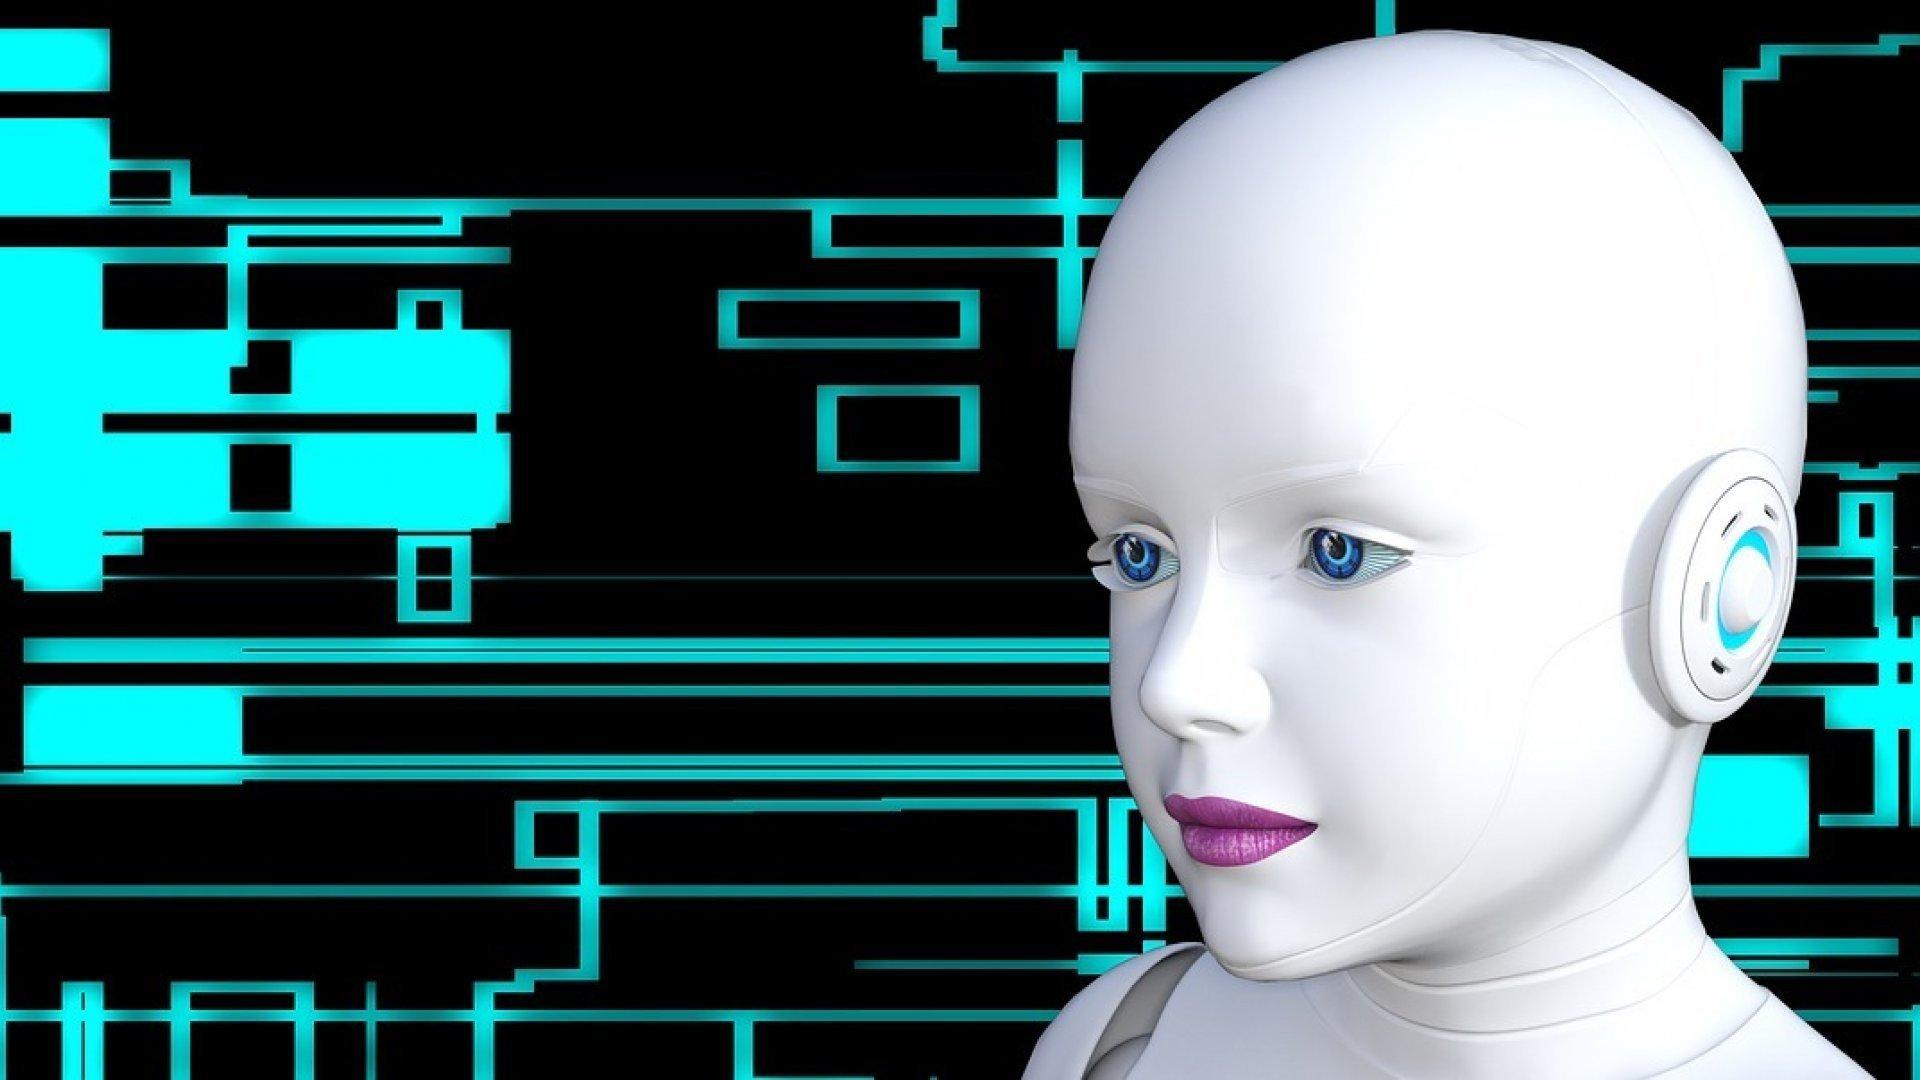 """Ein Roboter mit Kindchenschema als Symbol für eine """"gute"""" künstliche Intelligenz"""